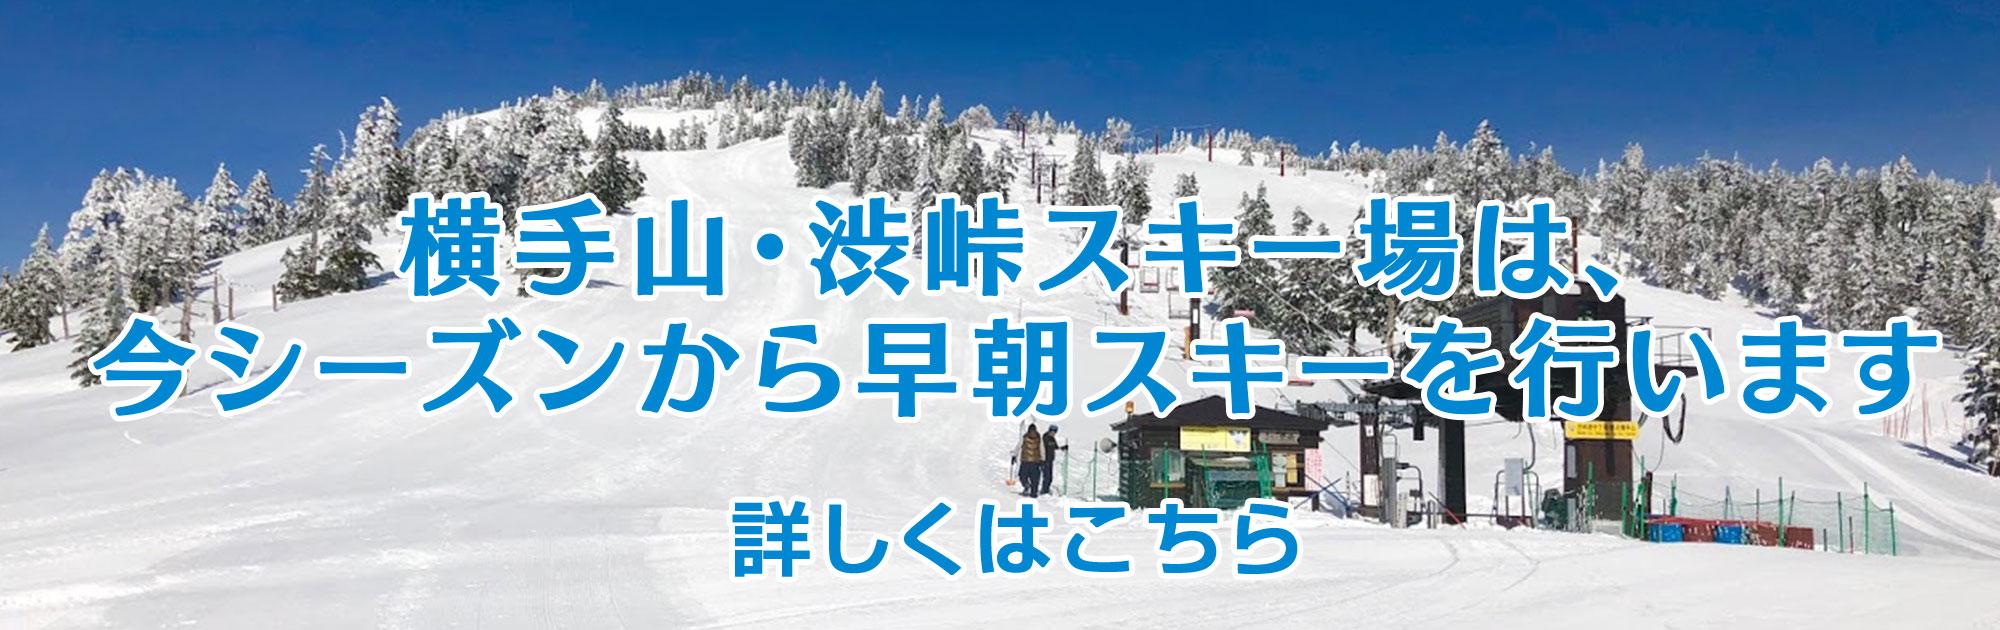 横手山・渋峠スキー場は今シーズンから早朝スキーを行います。